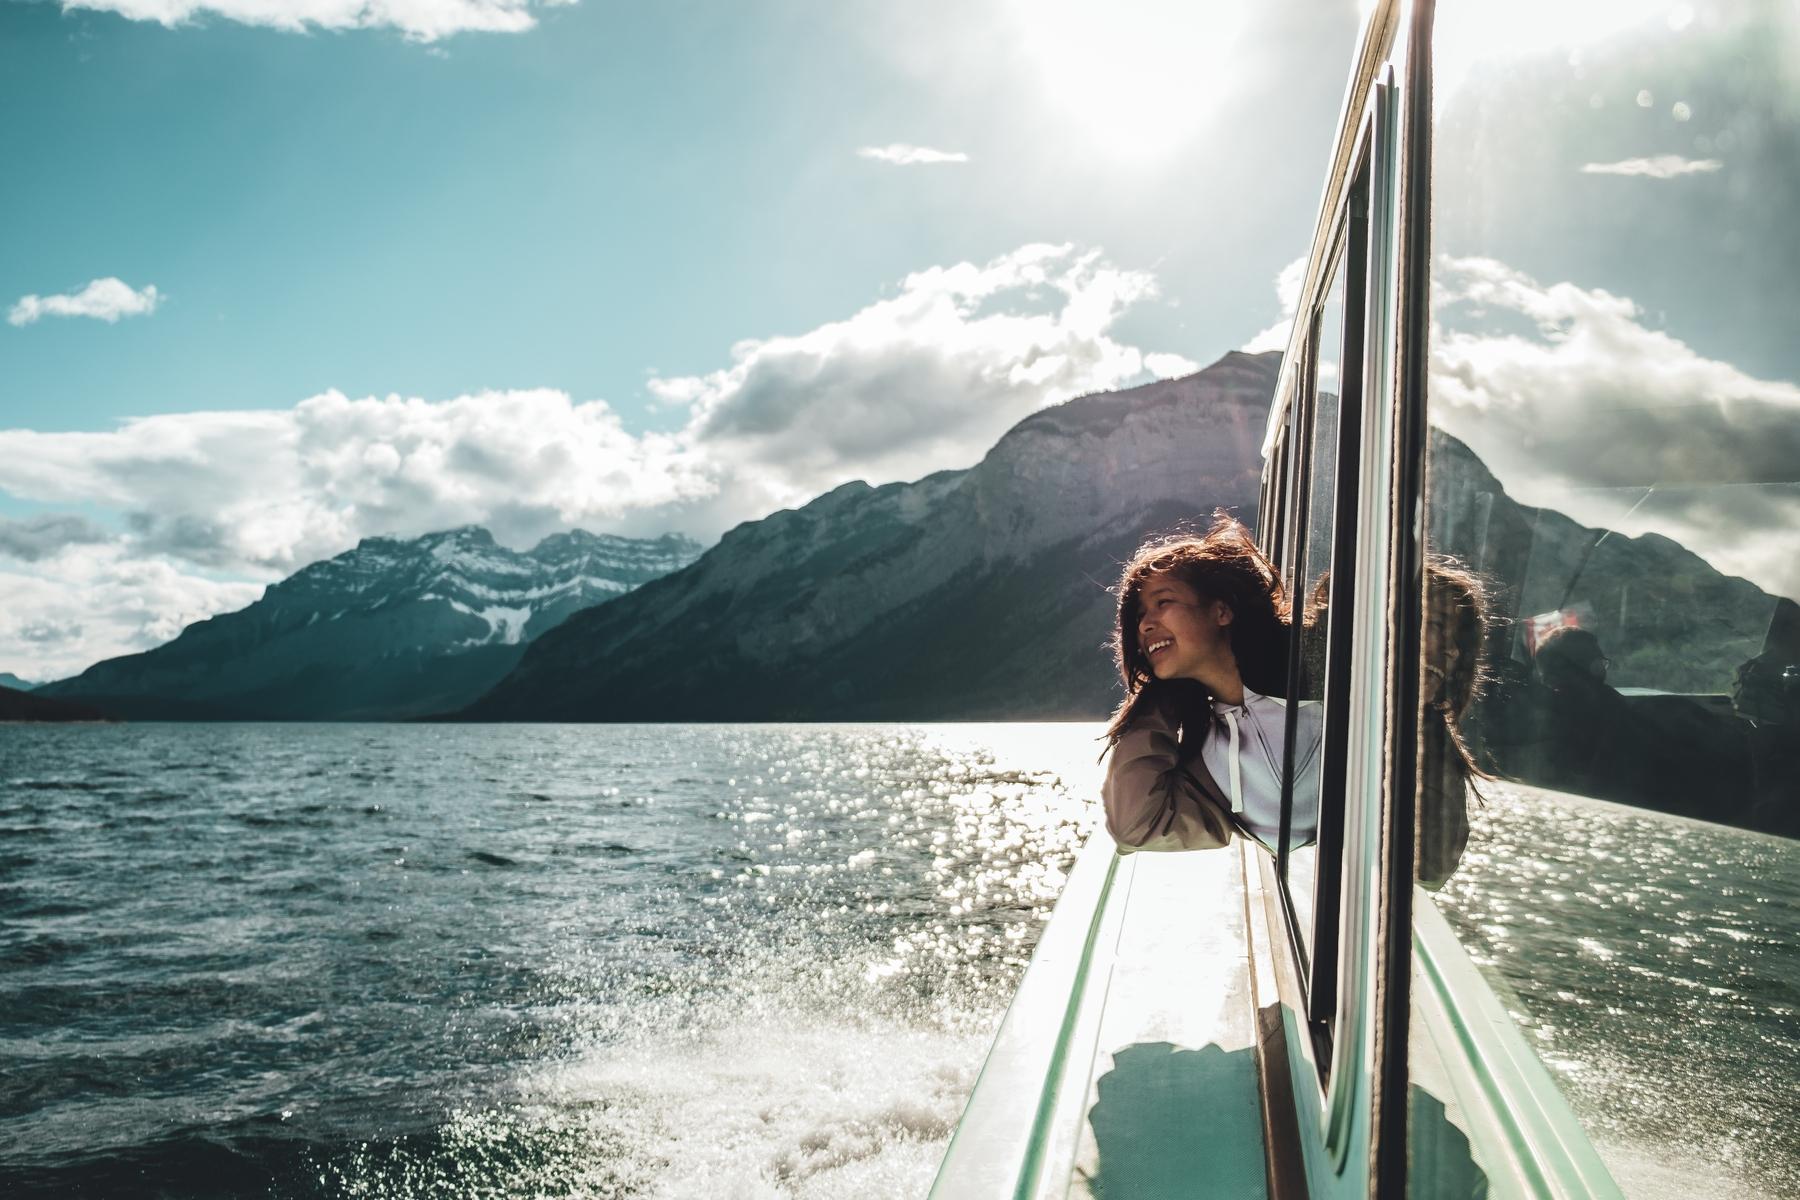 hot travel 2020, que es hot travel, cuando es hot travel, viajes baratos, viajes en oferta, vuelo en oferta, promociones en viajes